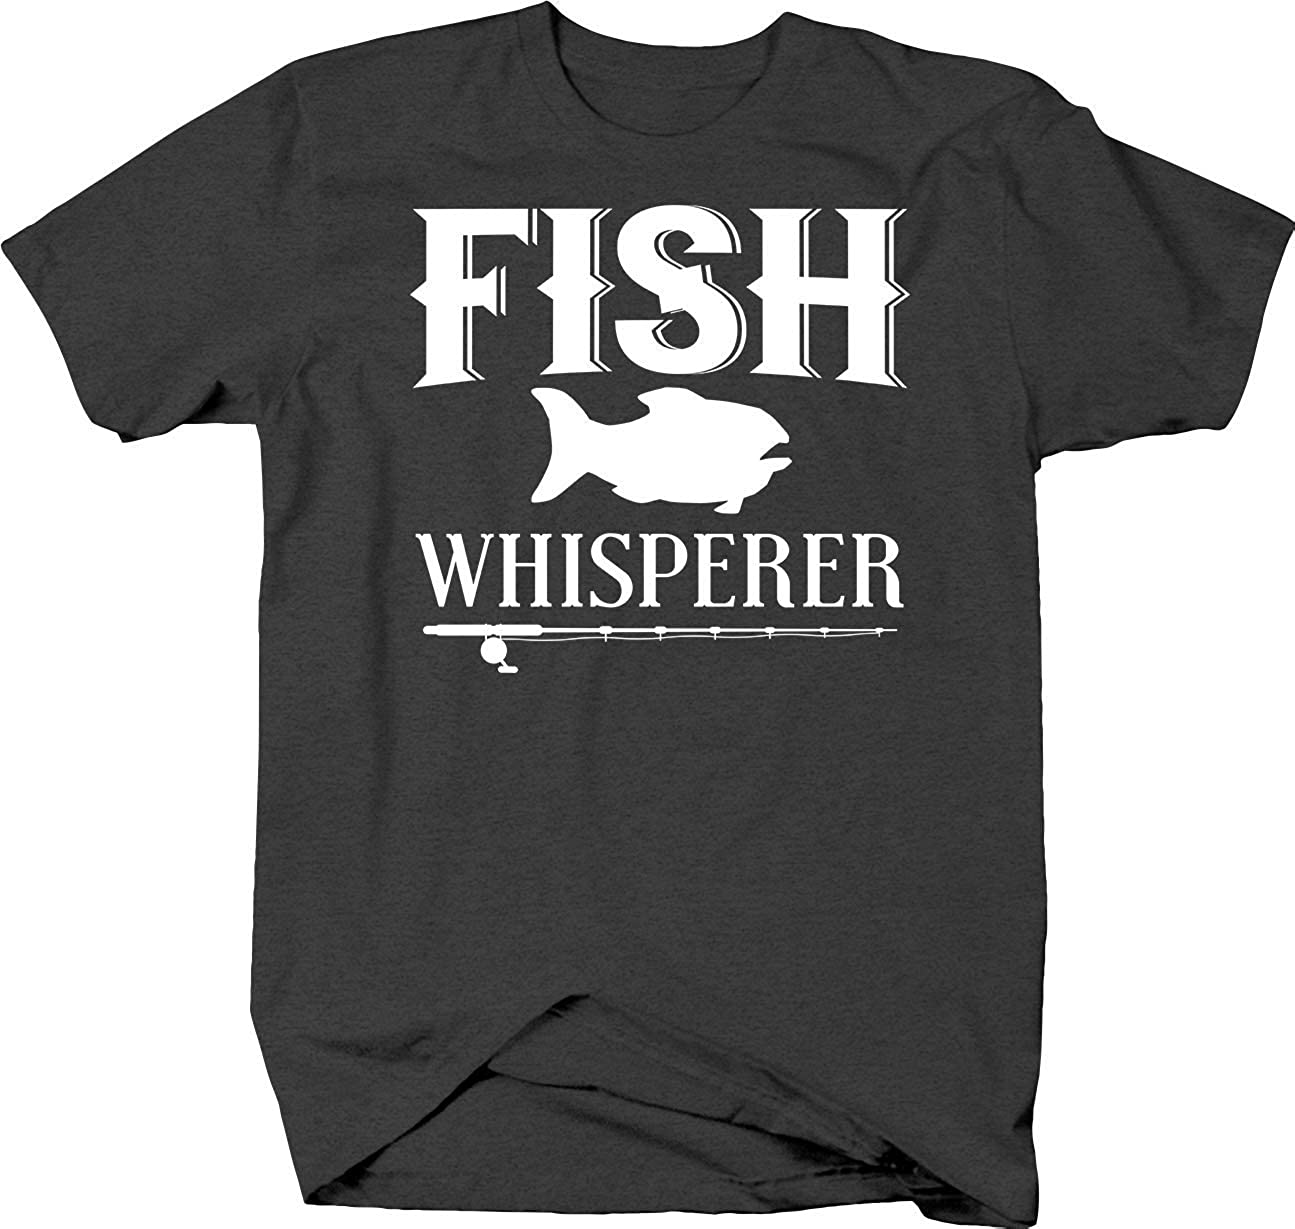 Fish Whisperer Funny Outdoor Hobby Pride for Nature Lovers Hunter T Shirt for Men